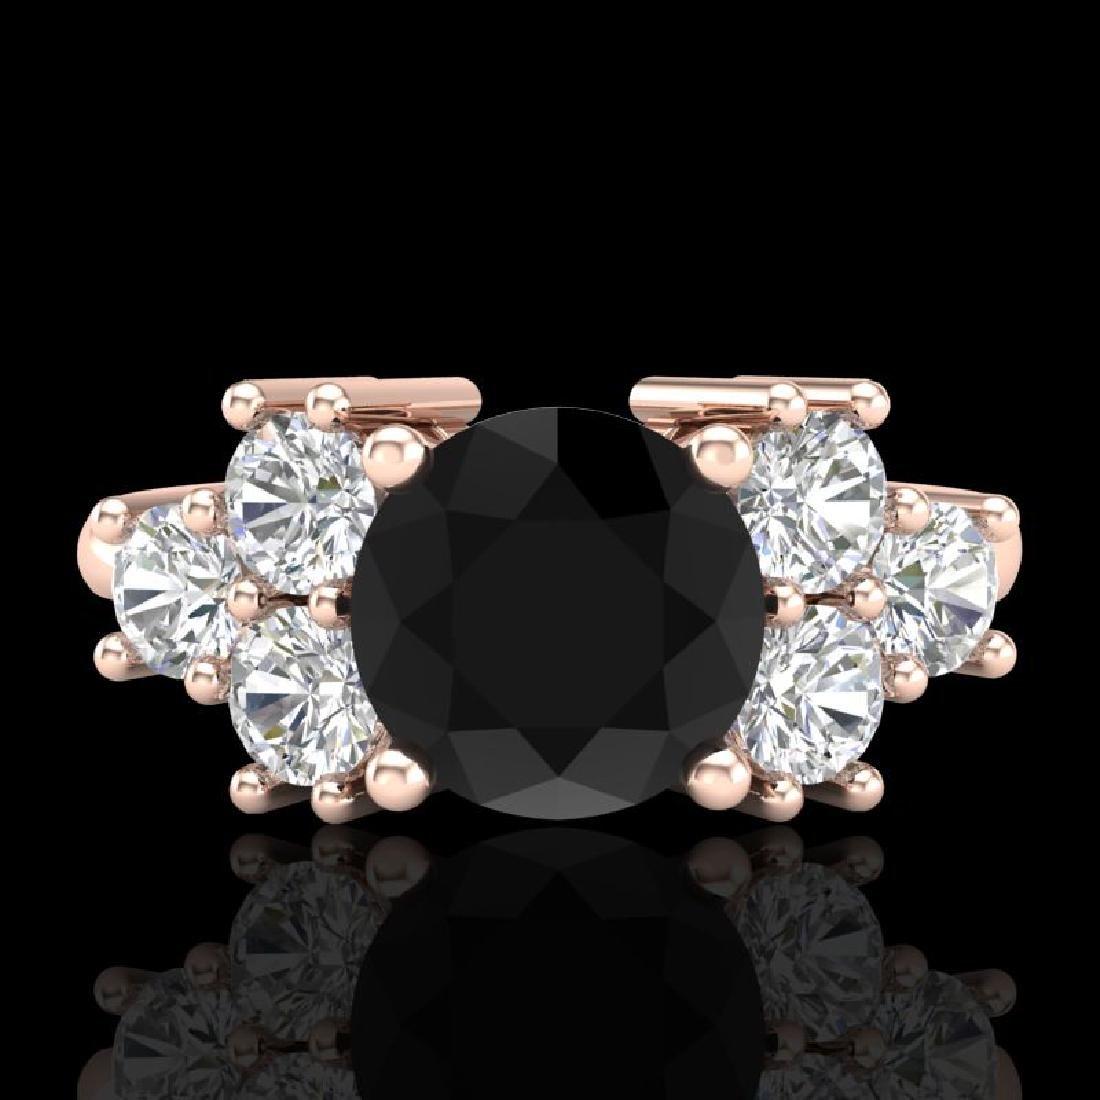 2.1 CTW Fancy Black Diamond Solitaire Engagement - 2